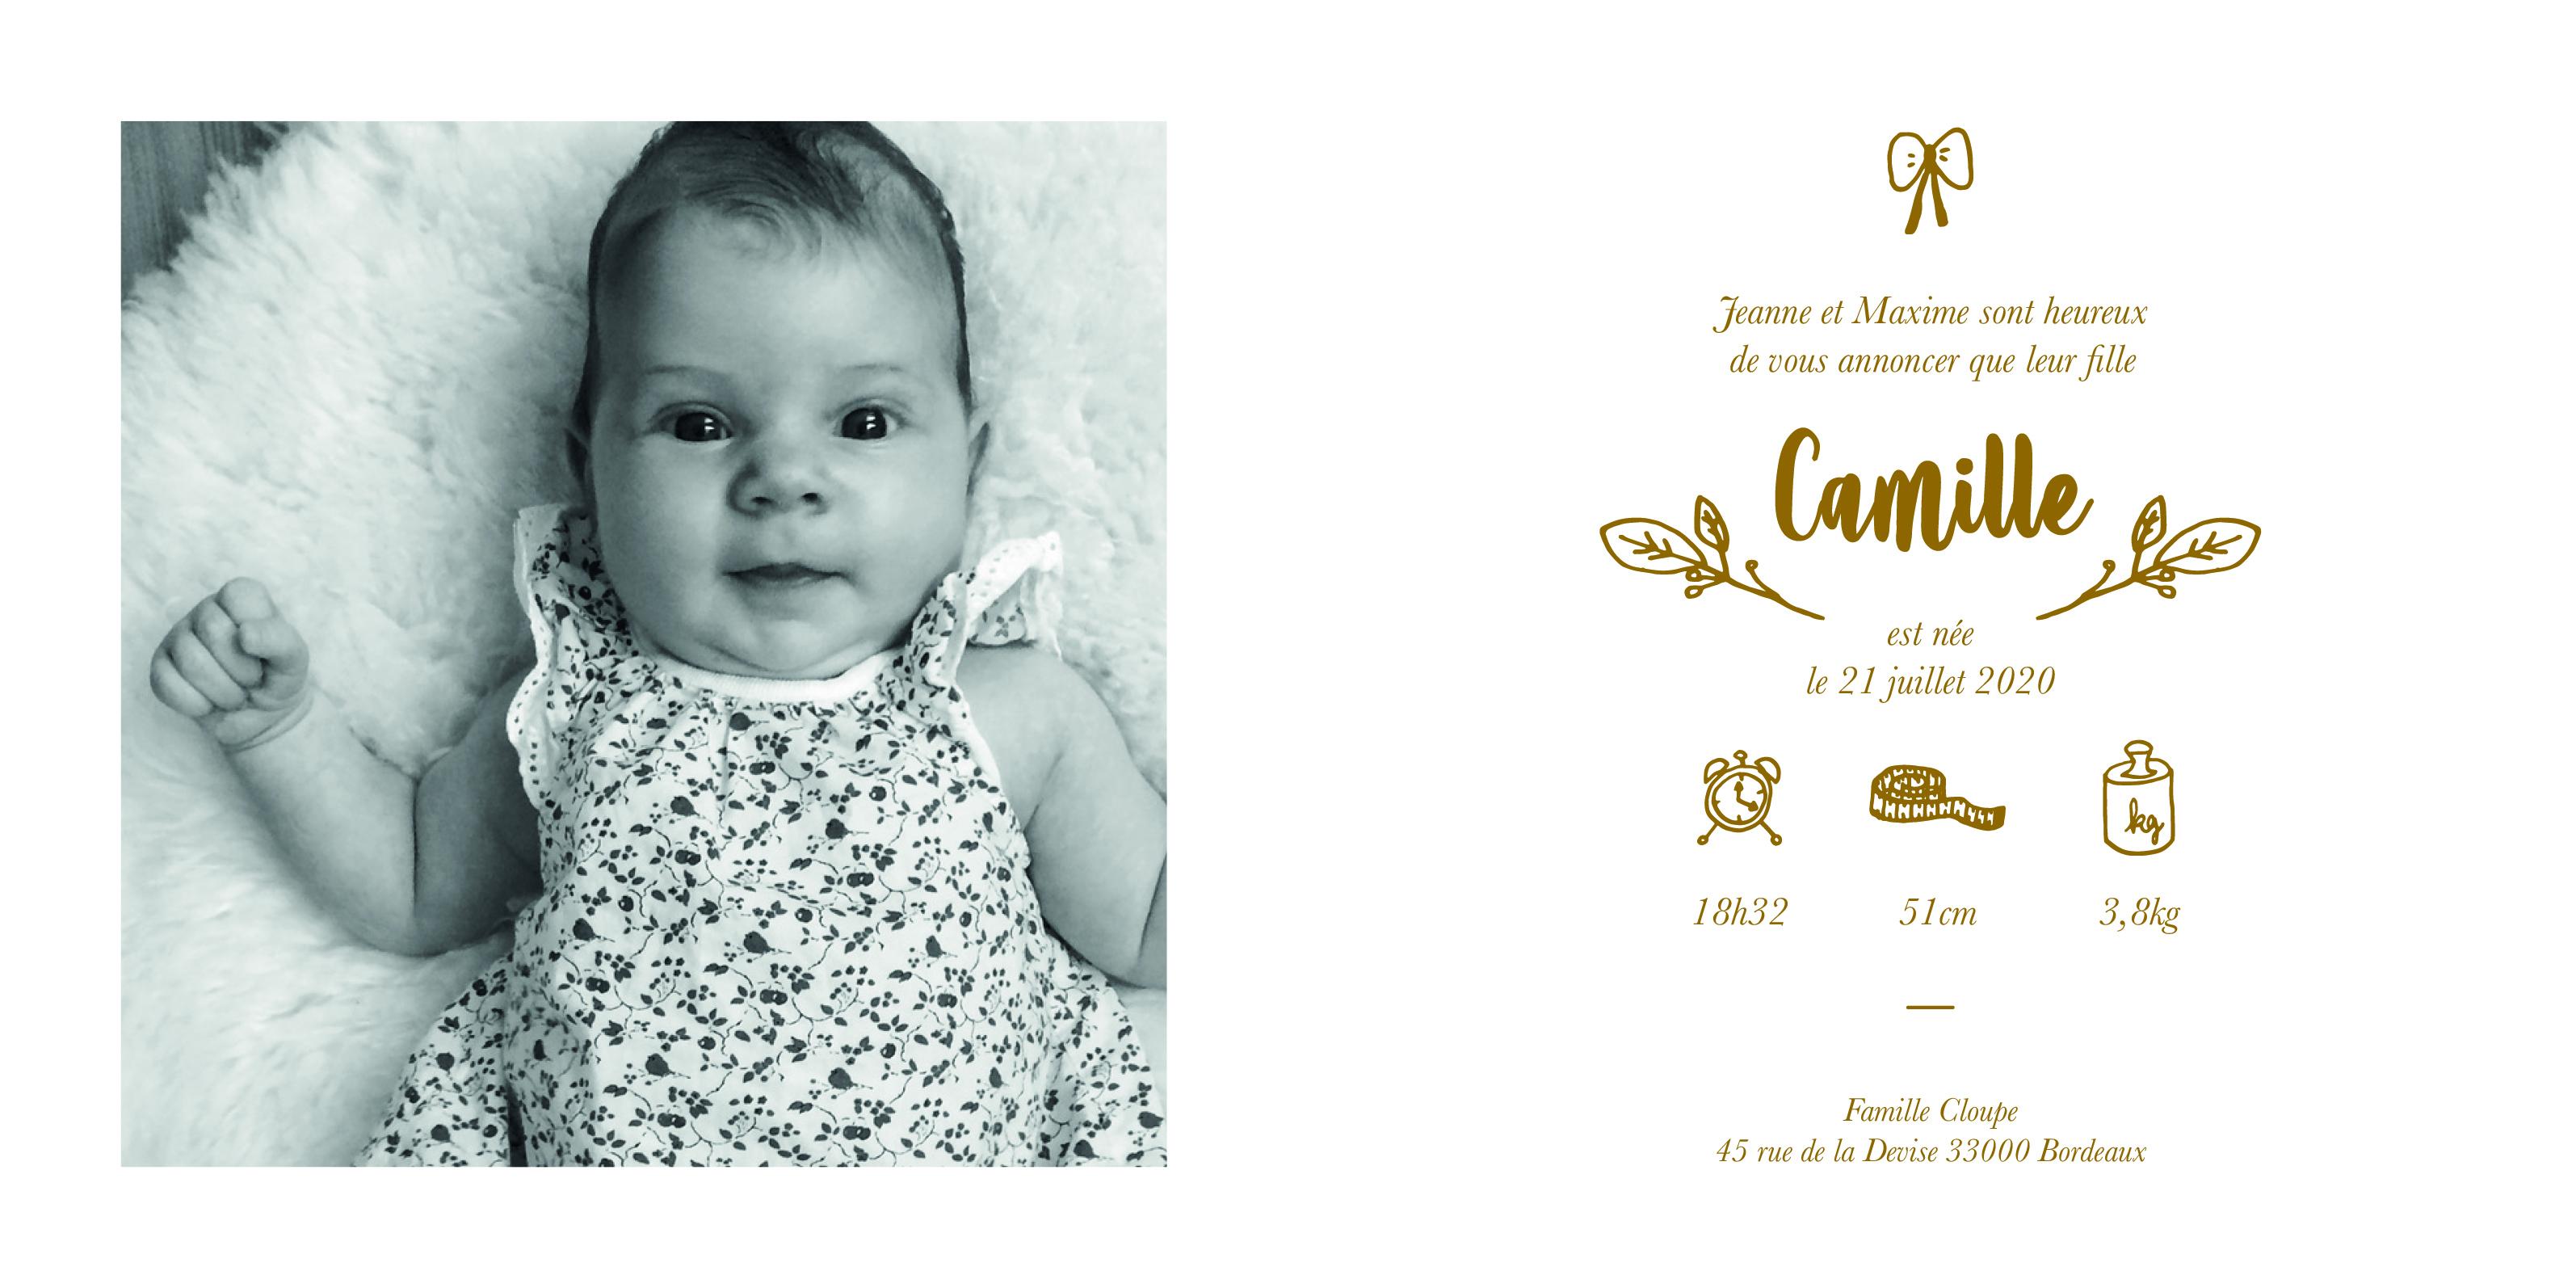 FP Camille - livret 4 pages - 13,5:13,5